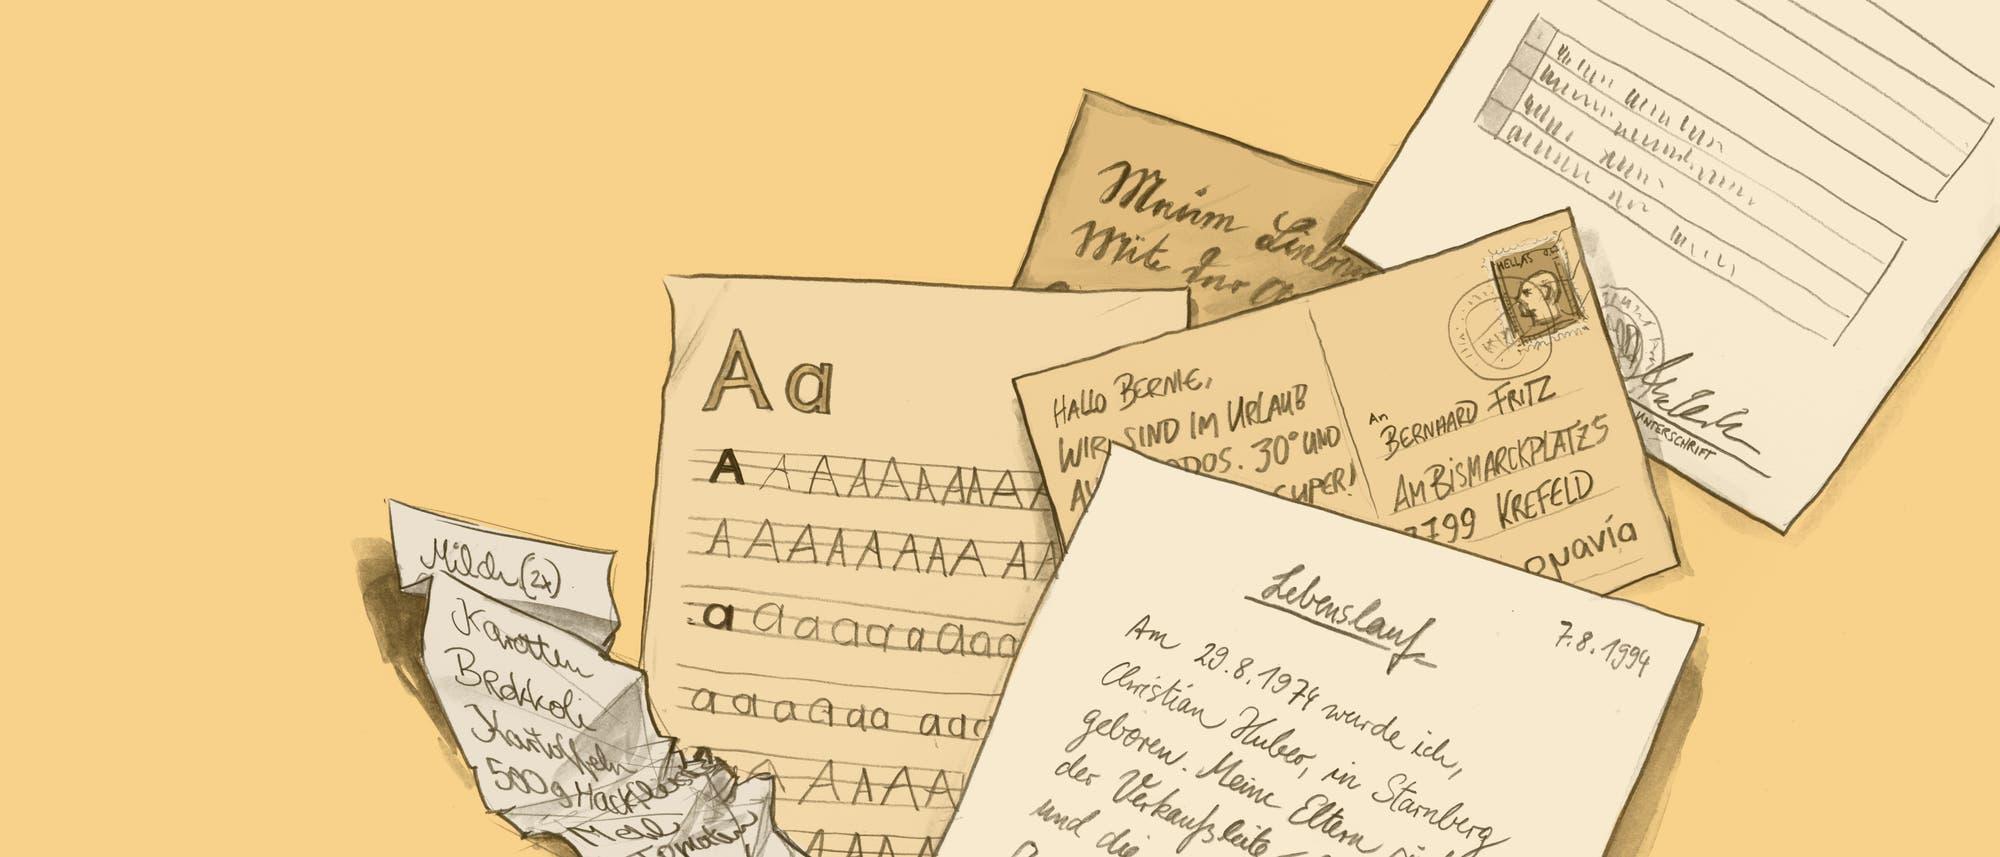 Illustration von Handschriften auf Postkarten, Zetteln und Dokumenten